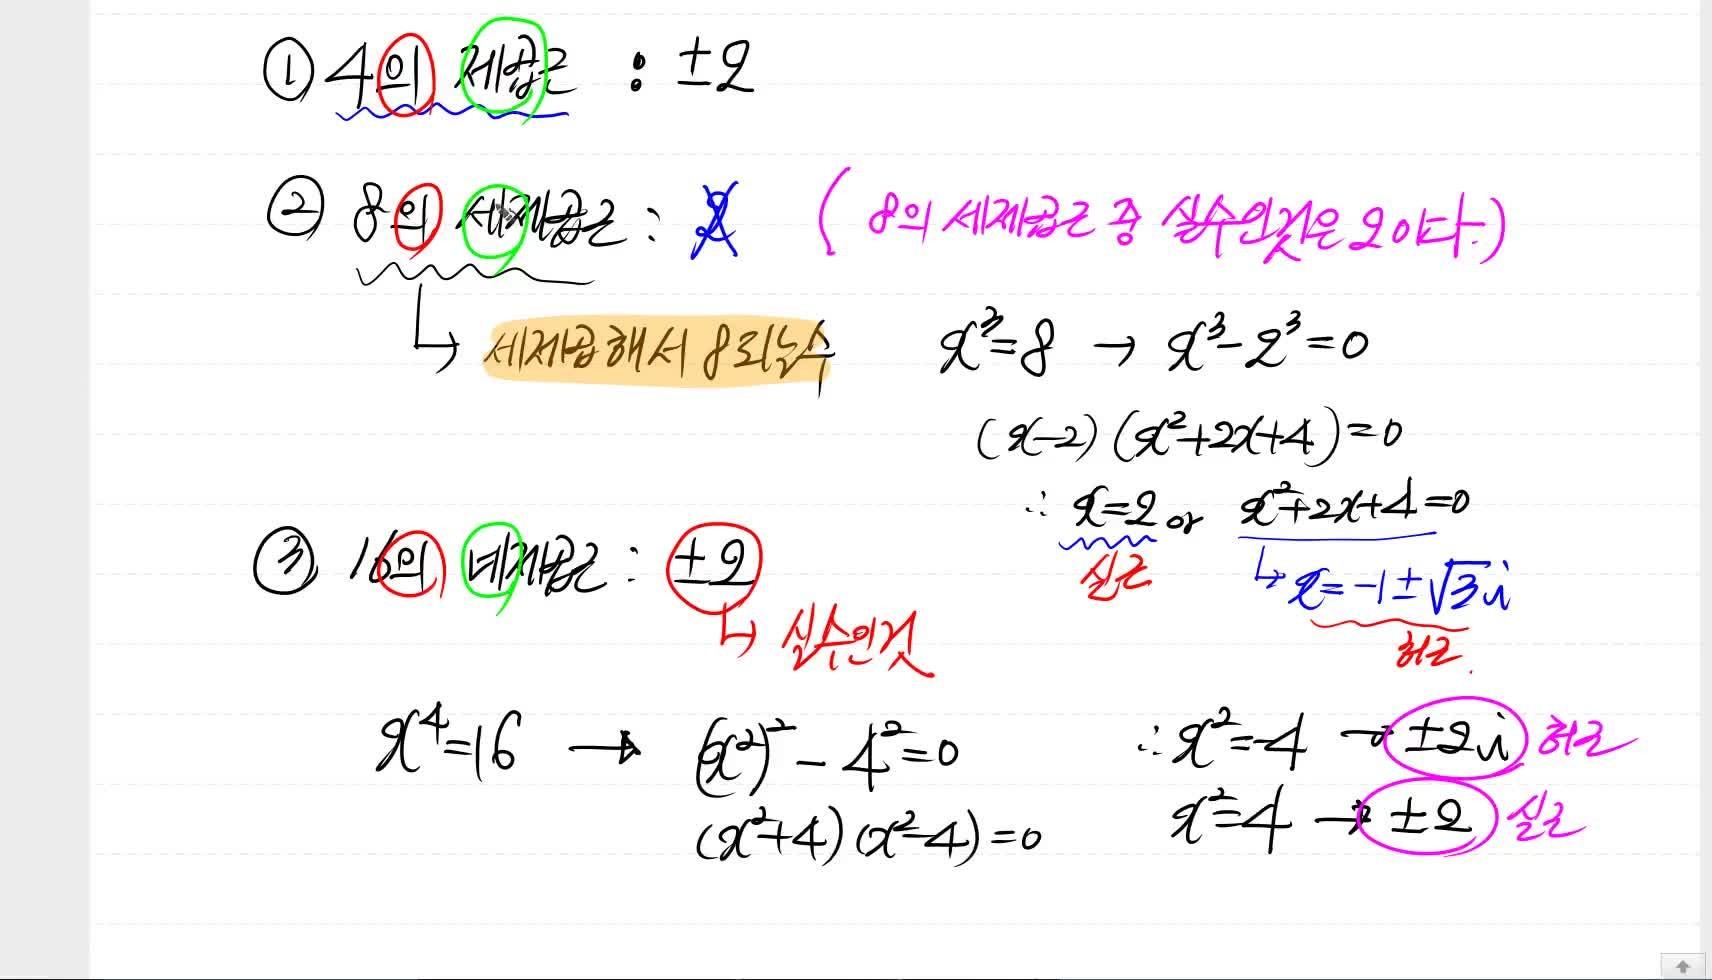 [2019 고2]수학Ⅰ-01.지수함수와 로그함수[진행중]